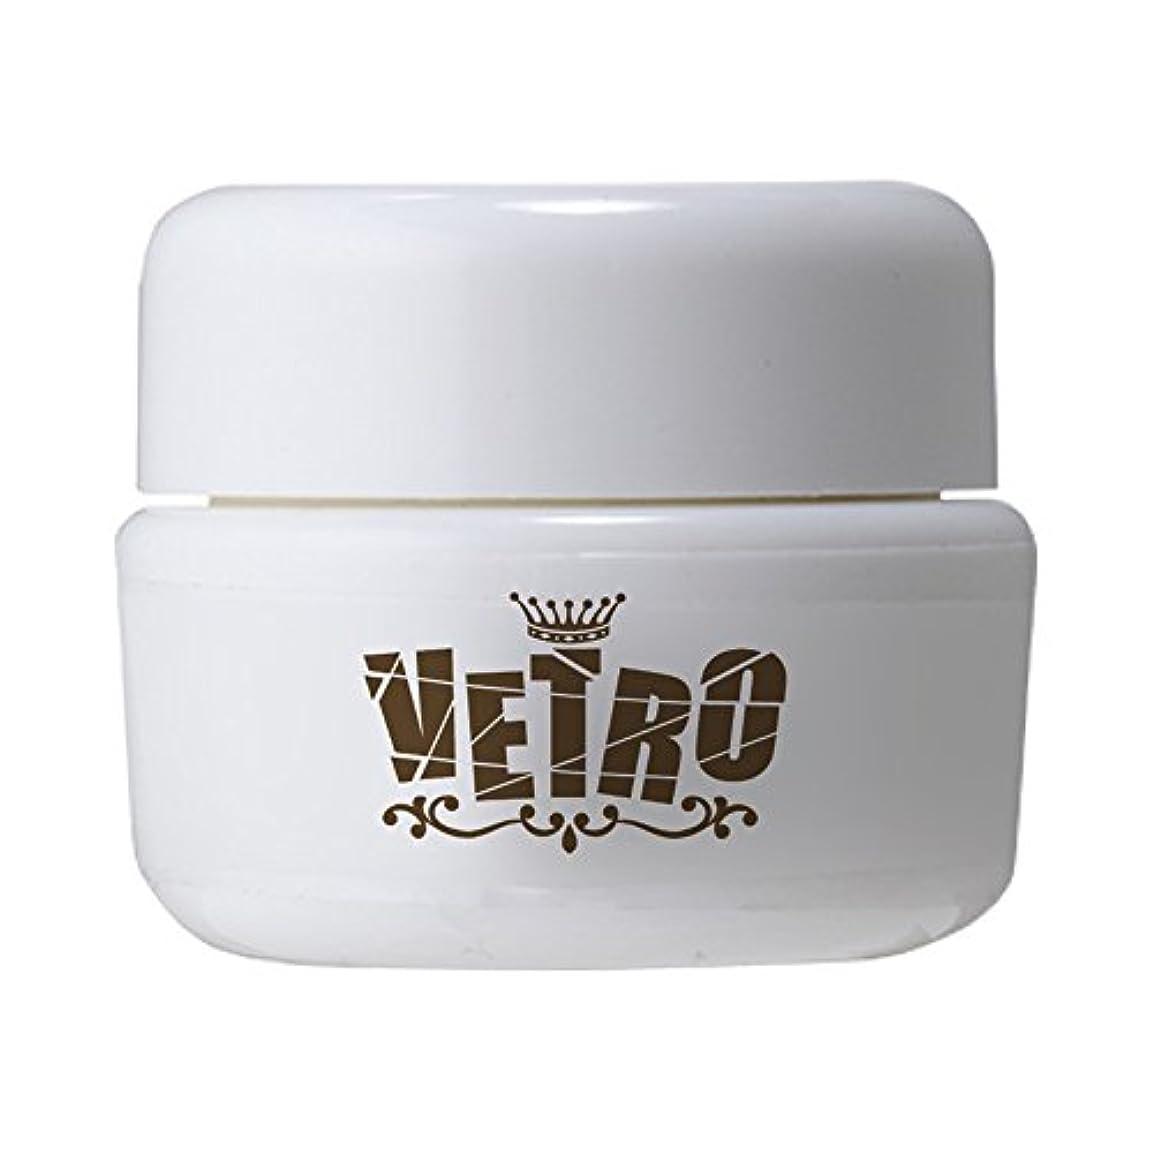 安全な従来のなかなかVETRO カラージェル VL120 ライトシルバー 4ml テクスチャー:ハード グリッター UV/LED対応